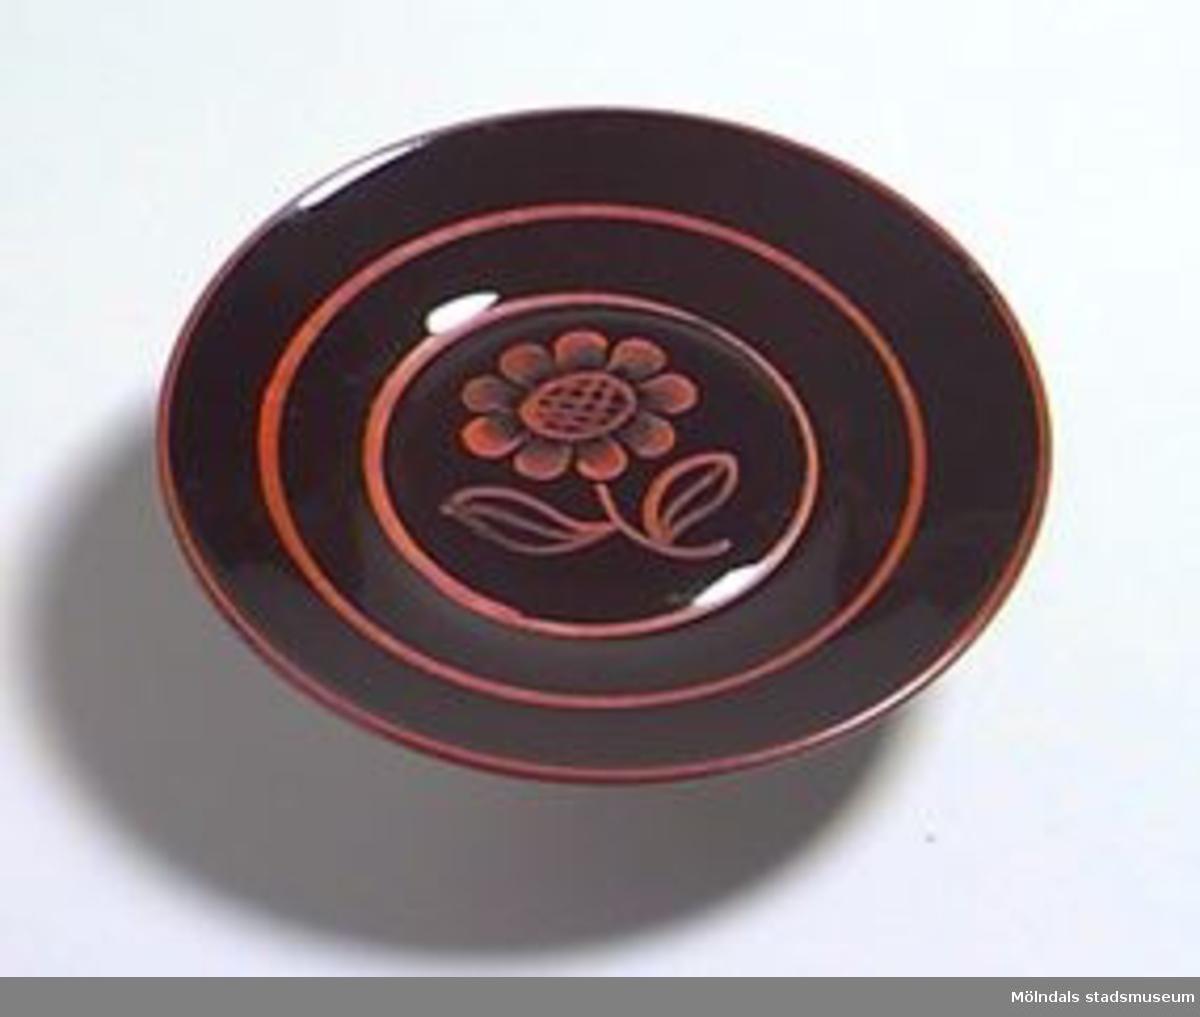 11 st svarta assietter med handmålad röd dekor i form av en blomma i mitten och ränder runt om. Dekoren delvis bortnött på några assietter.